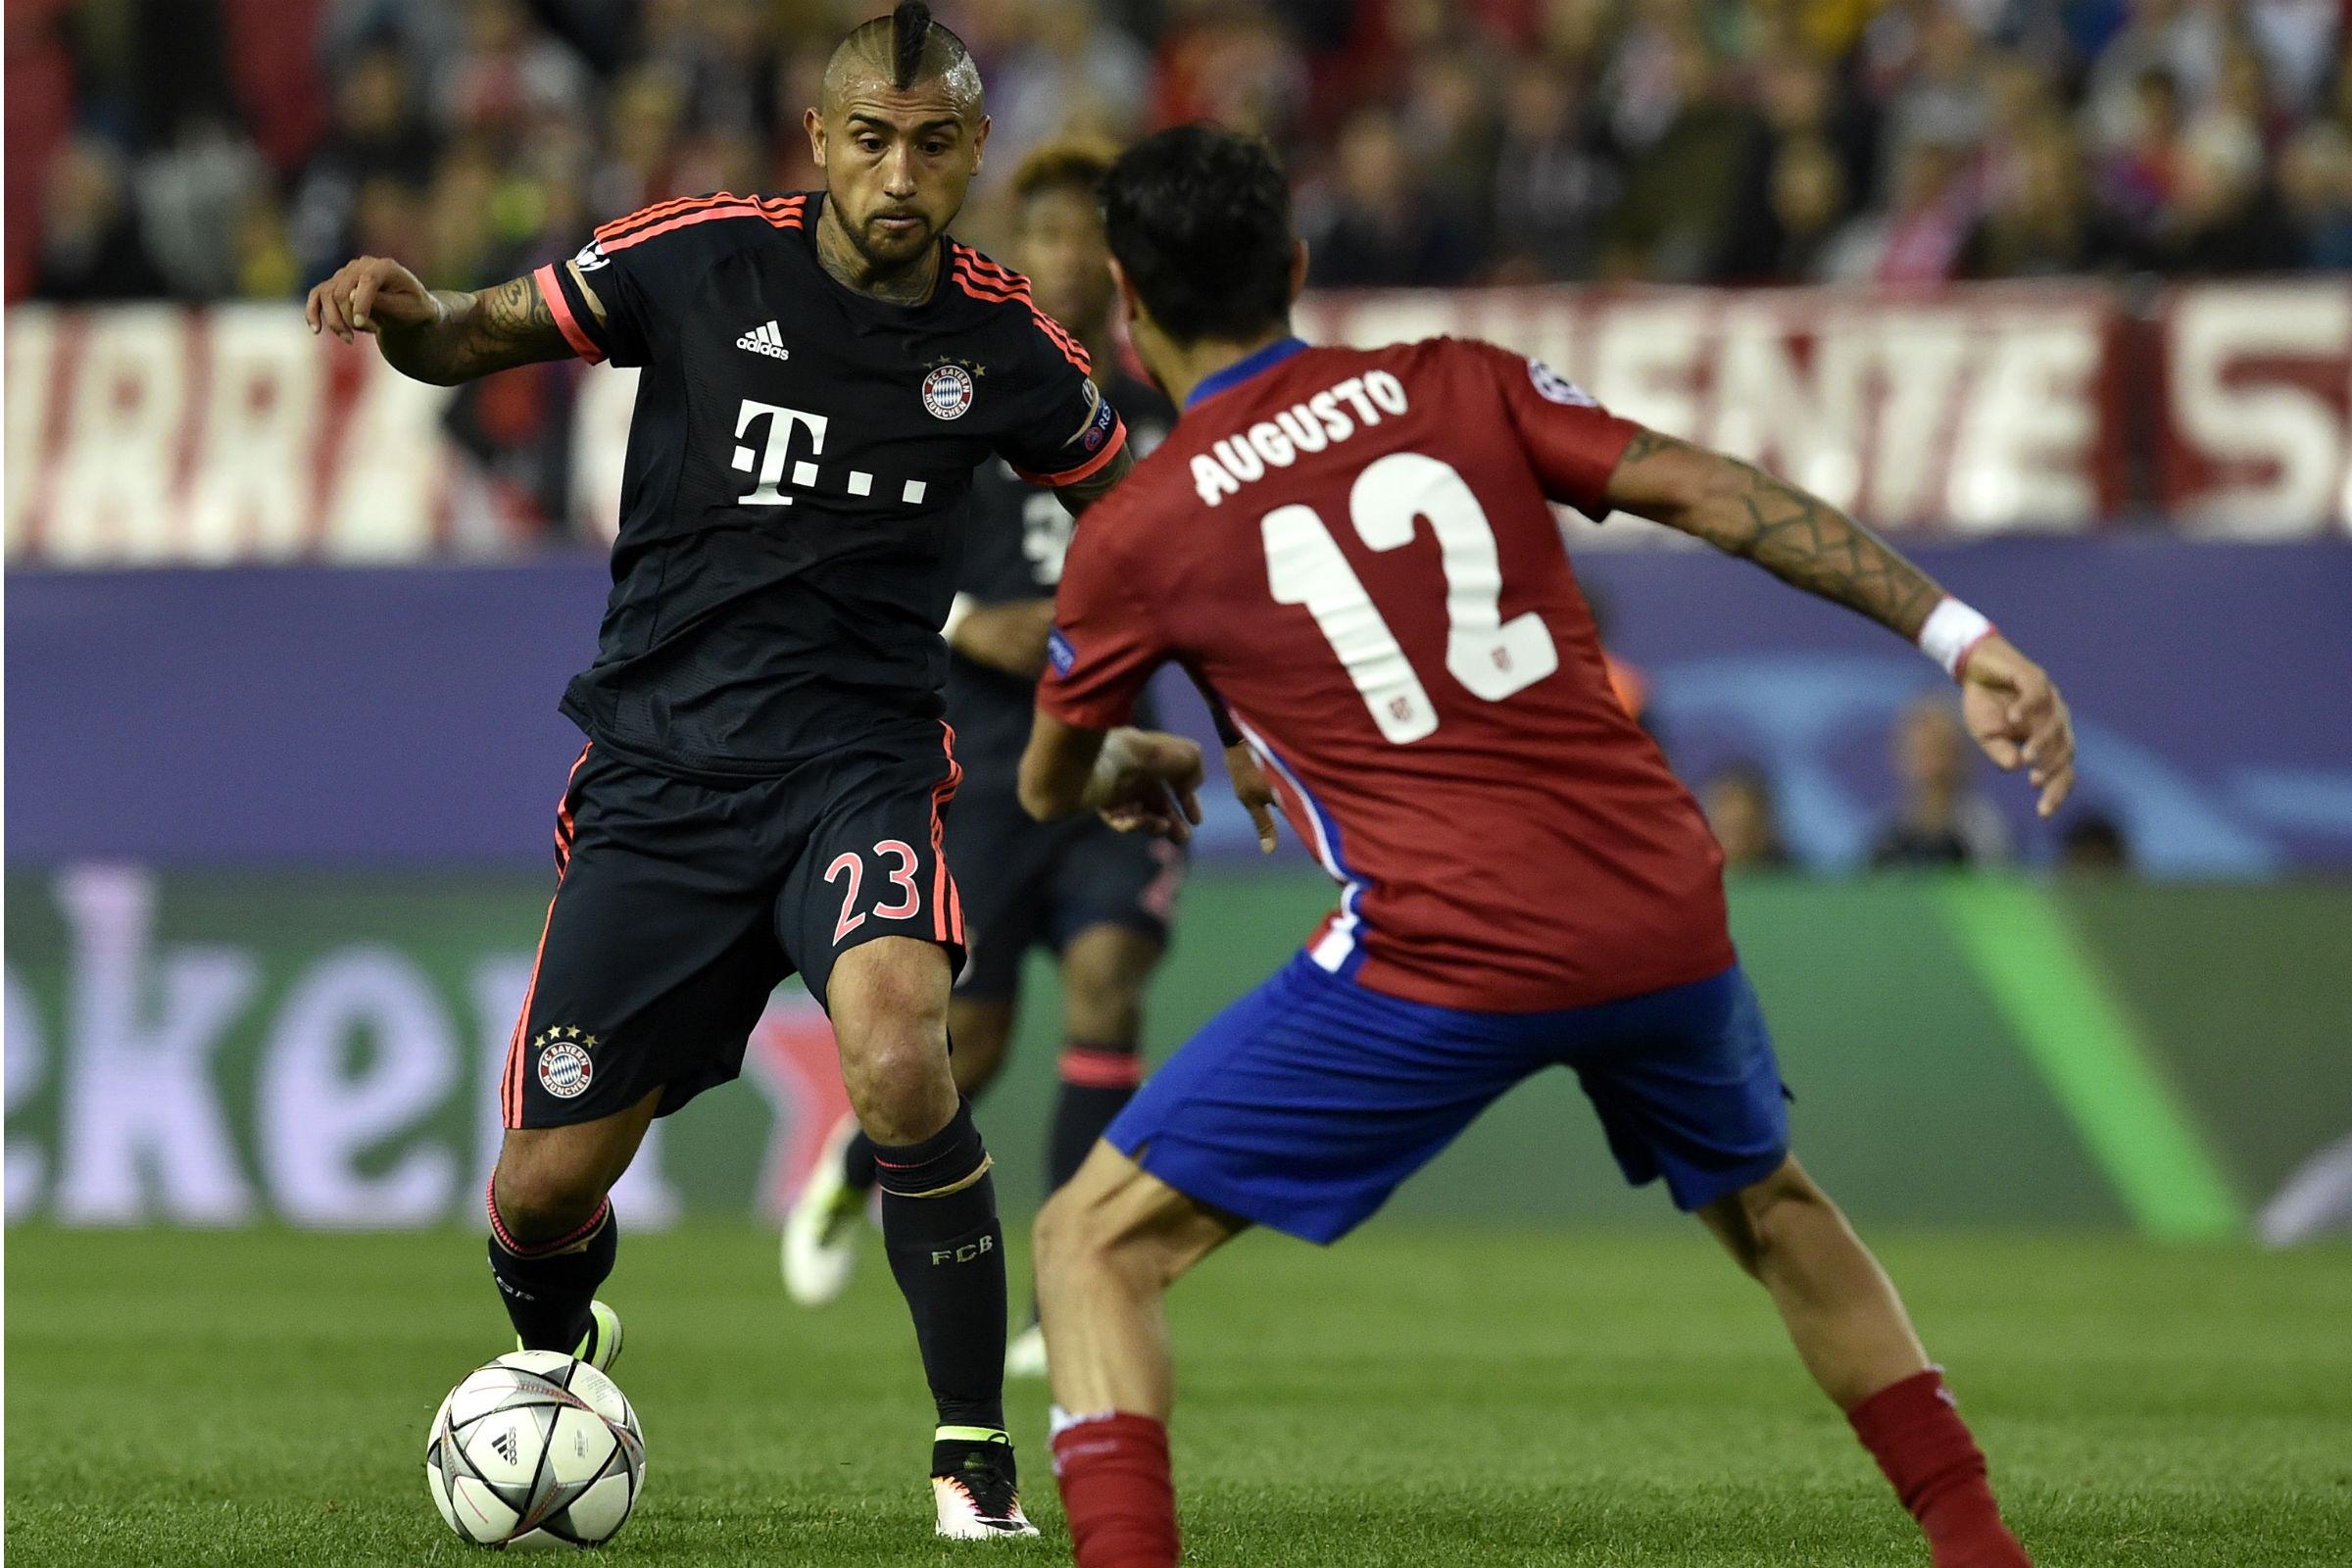 Friss hírek: A futball Bajnokok Ligája második fordulójának egyik legnagyobb rangadóját rendezik Madridban, ahol a Bayern München a tavalyi elődöntős kiesésért érkezik bosszút állni. Beszámolunk közben a többi meccsről is, érdemes lesz velünk tartani.